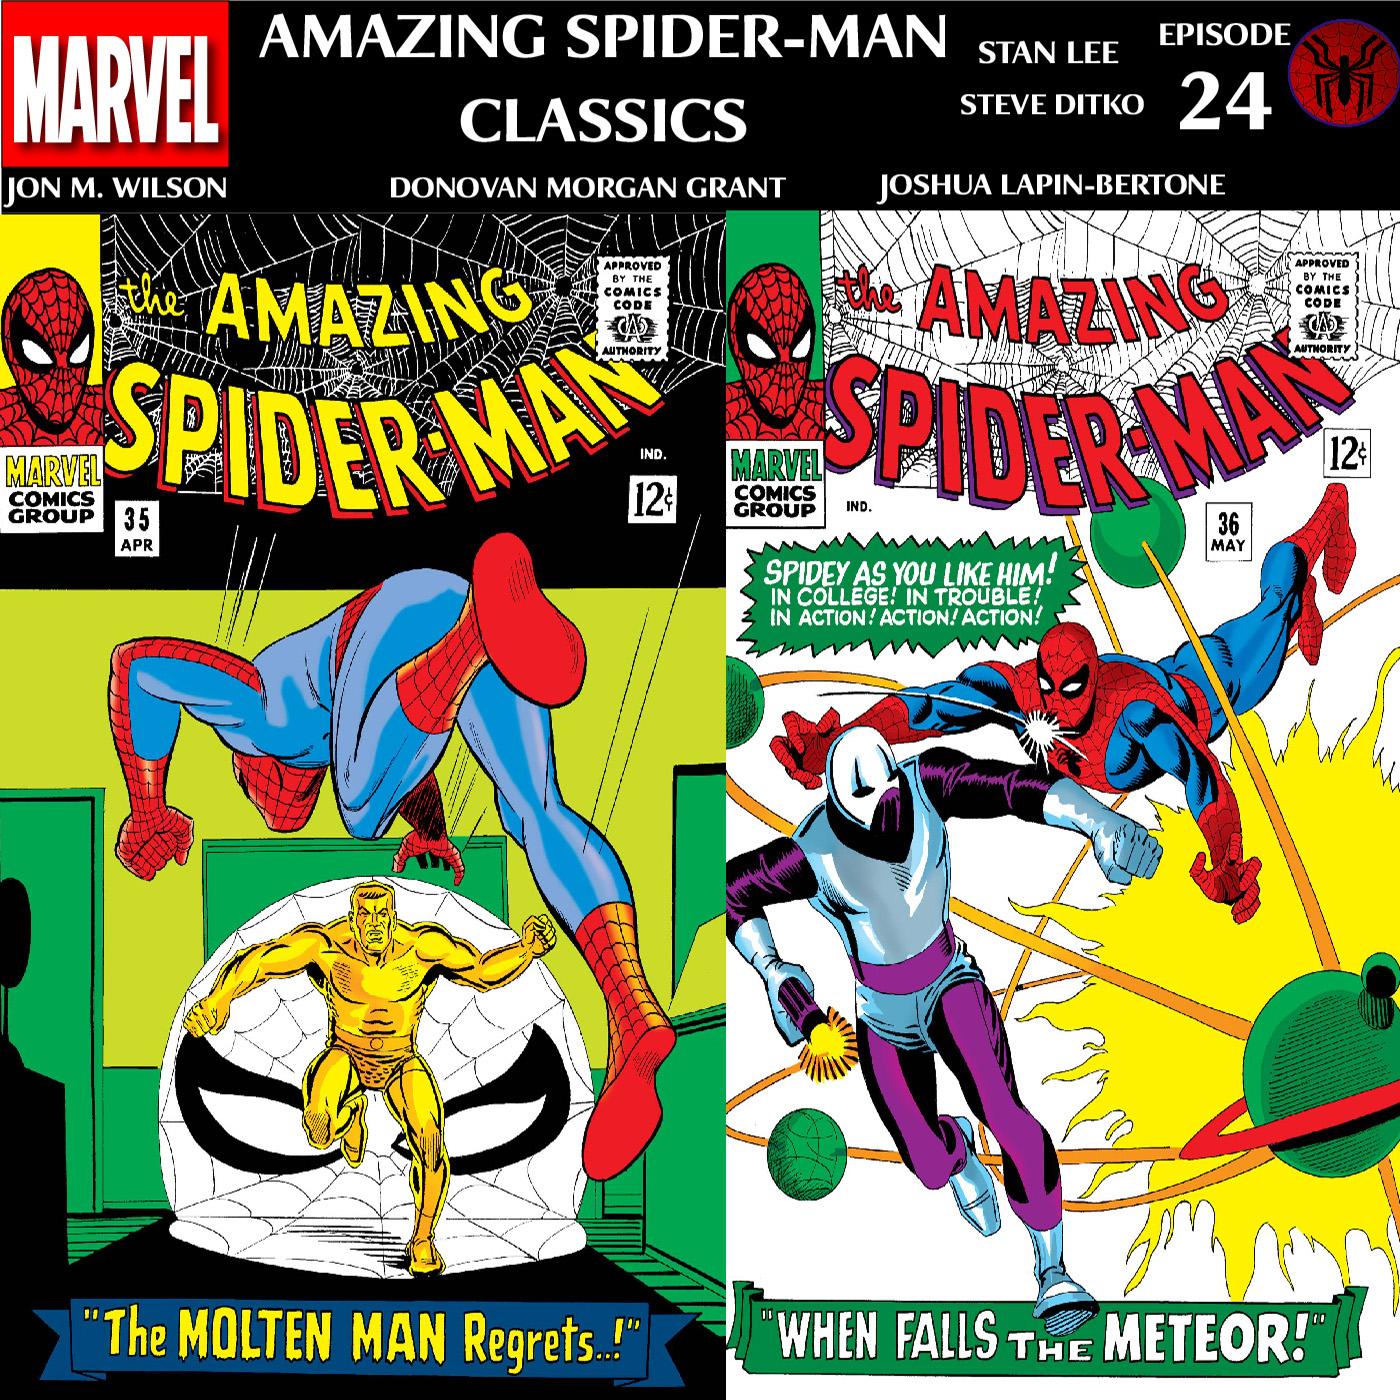 ASM Classics Episode 24: Amazing Spider-Man 35 and 36